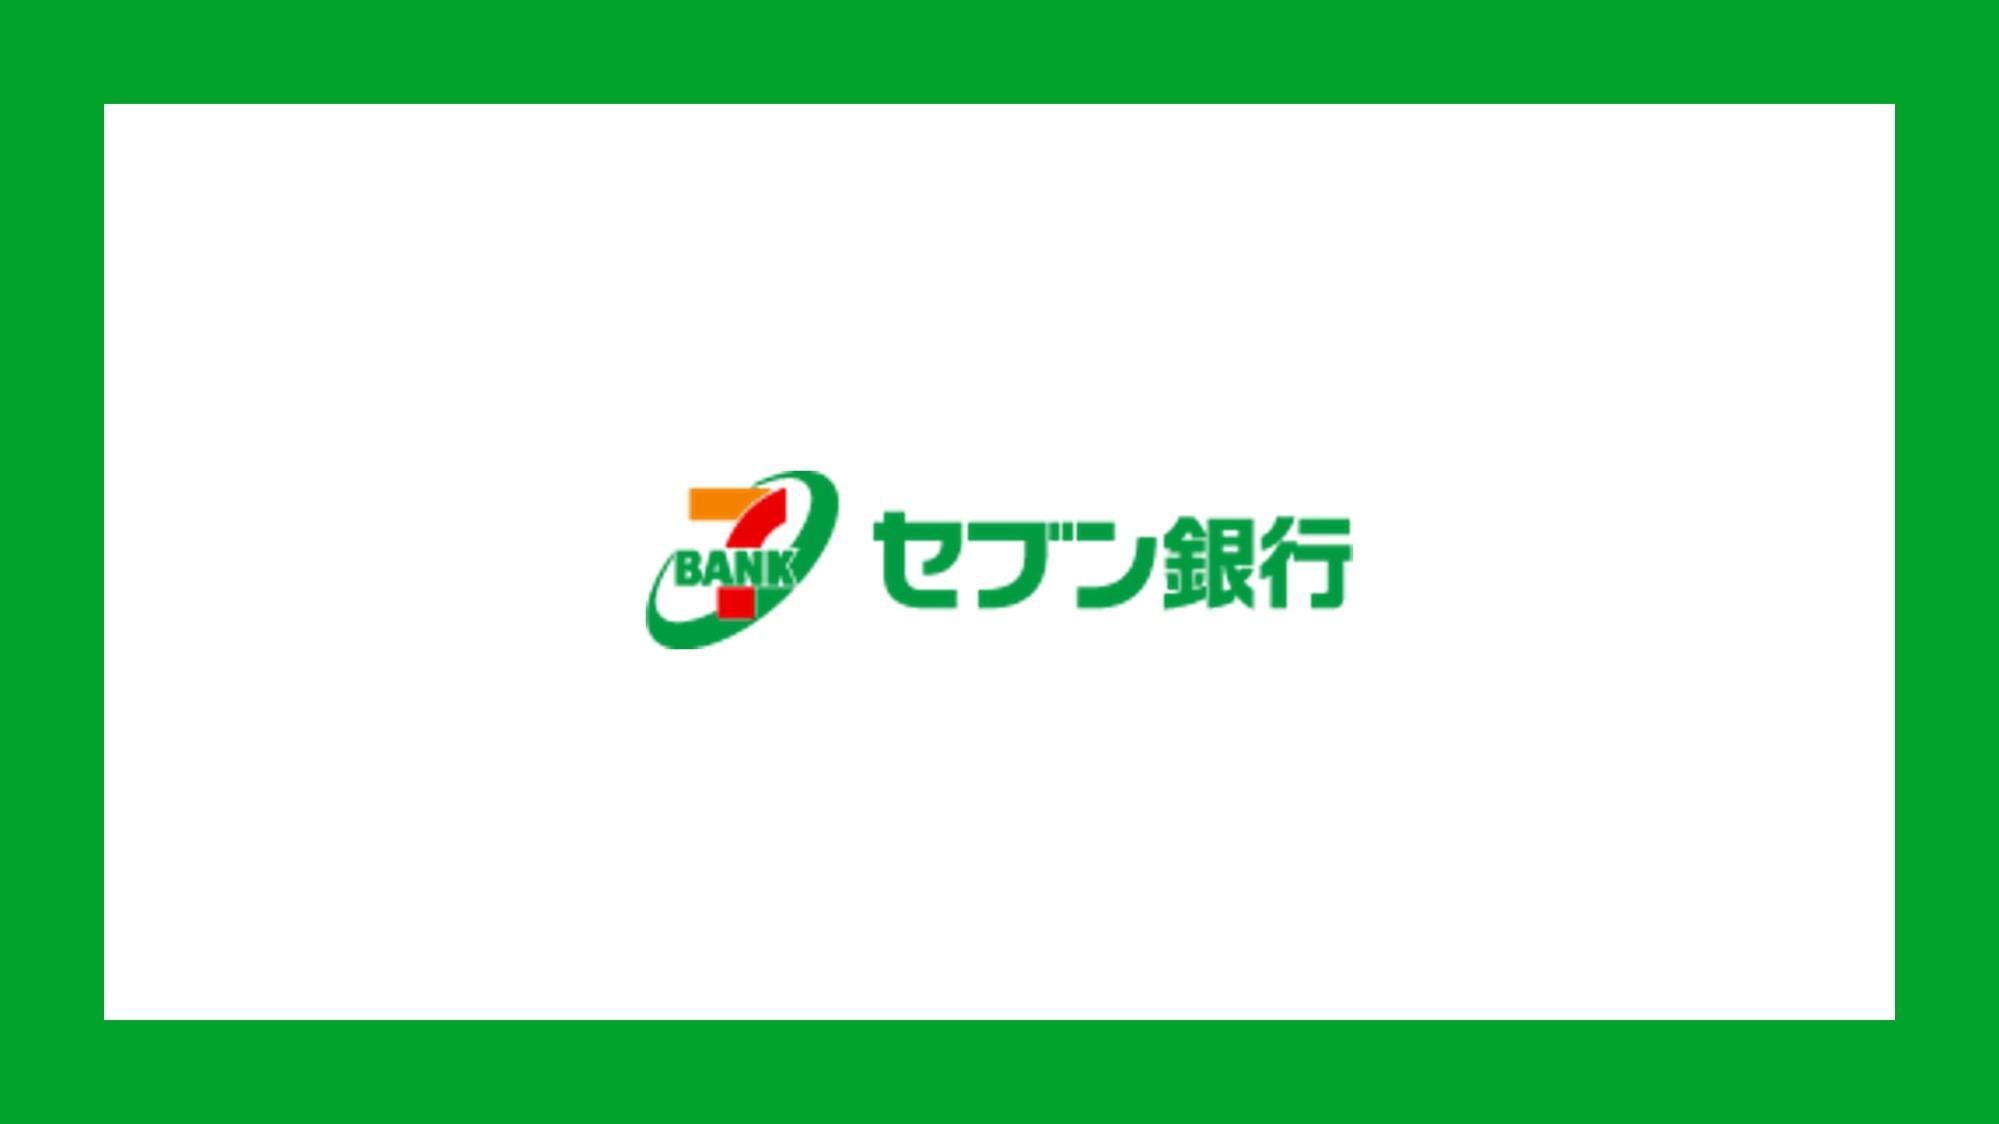 海外 銀行 送金 ufj 三菱